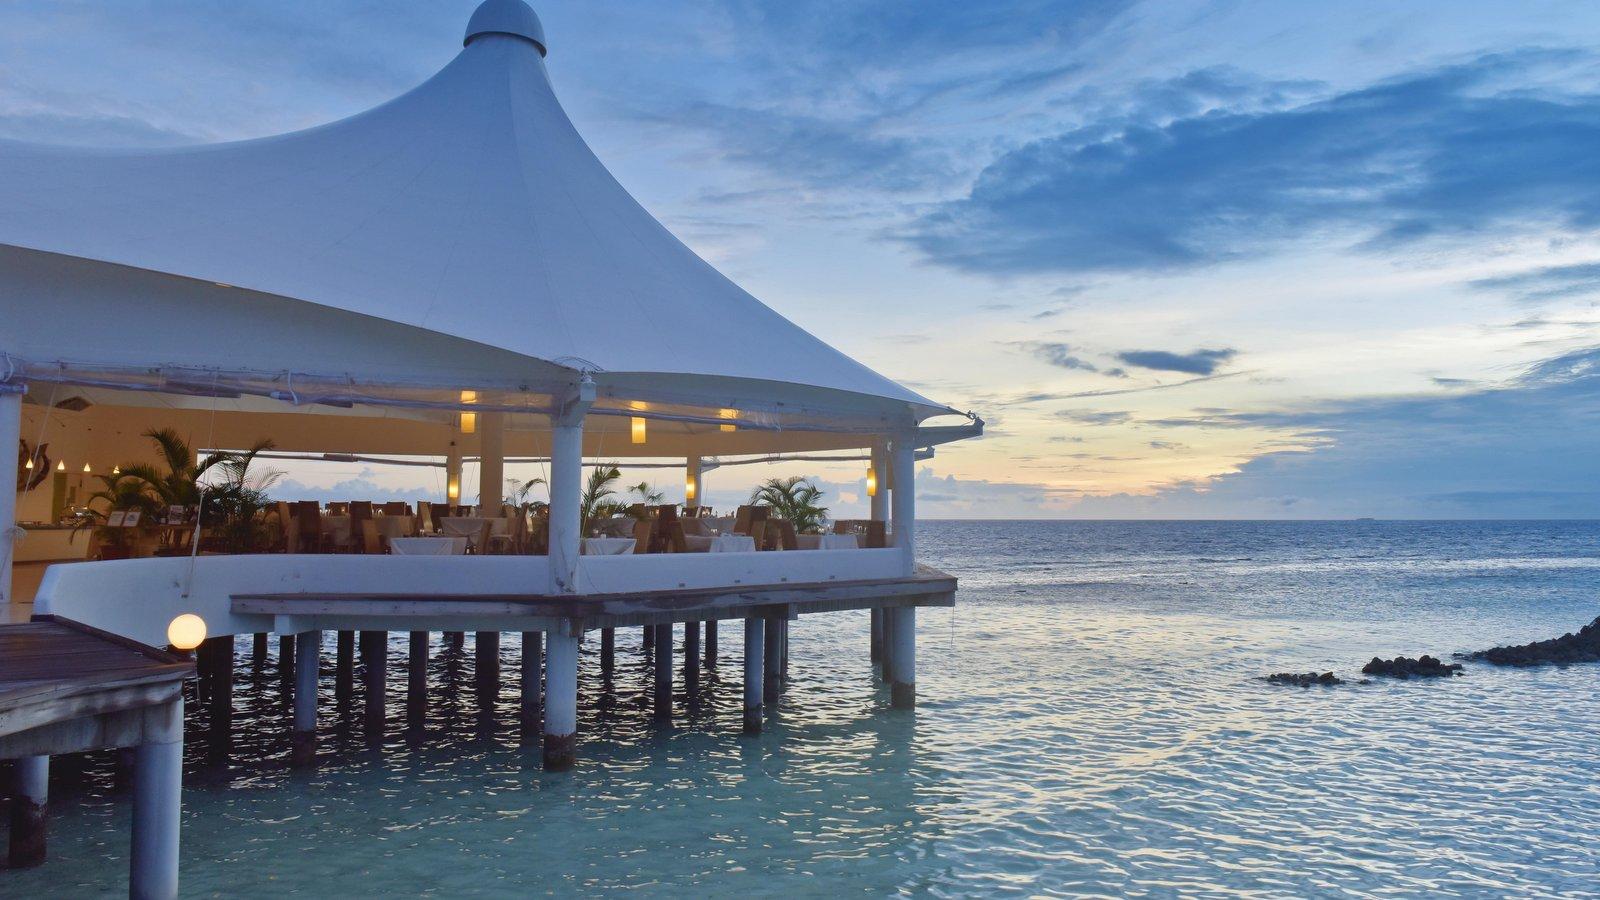 Мальдивы, отель Safari Island Resort & Spa, ресторан